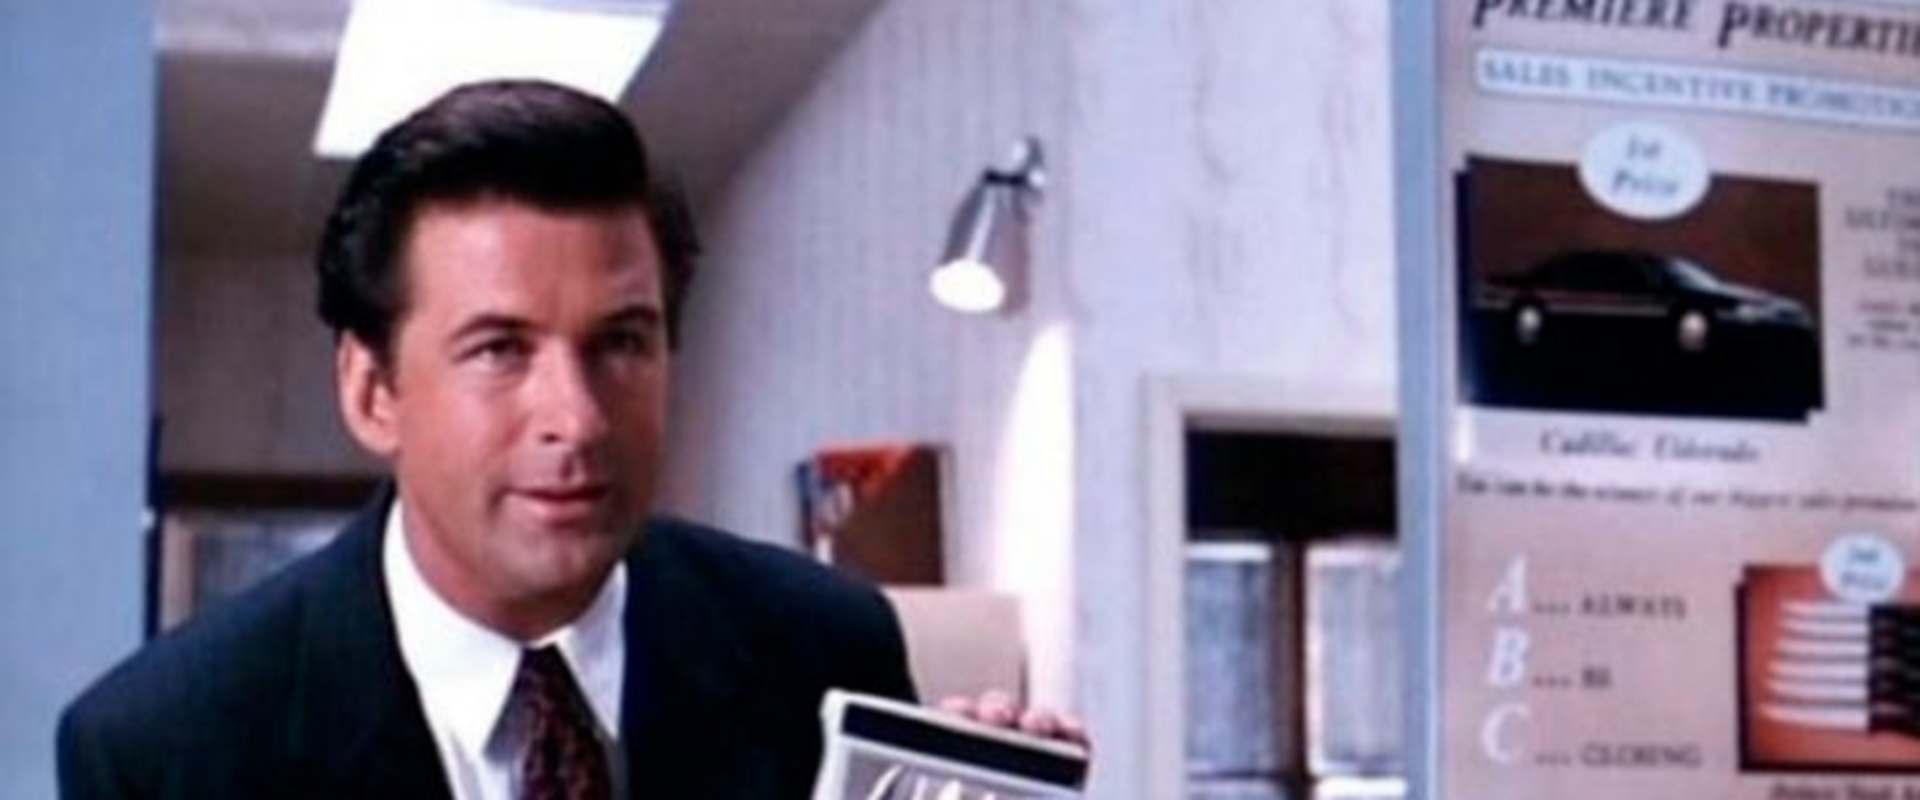 Glen gary glen ross movie script